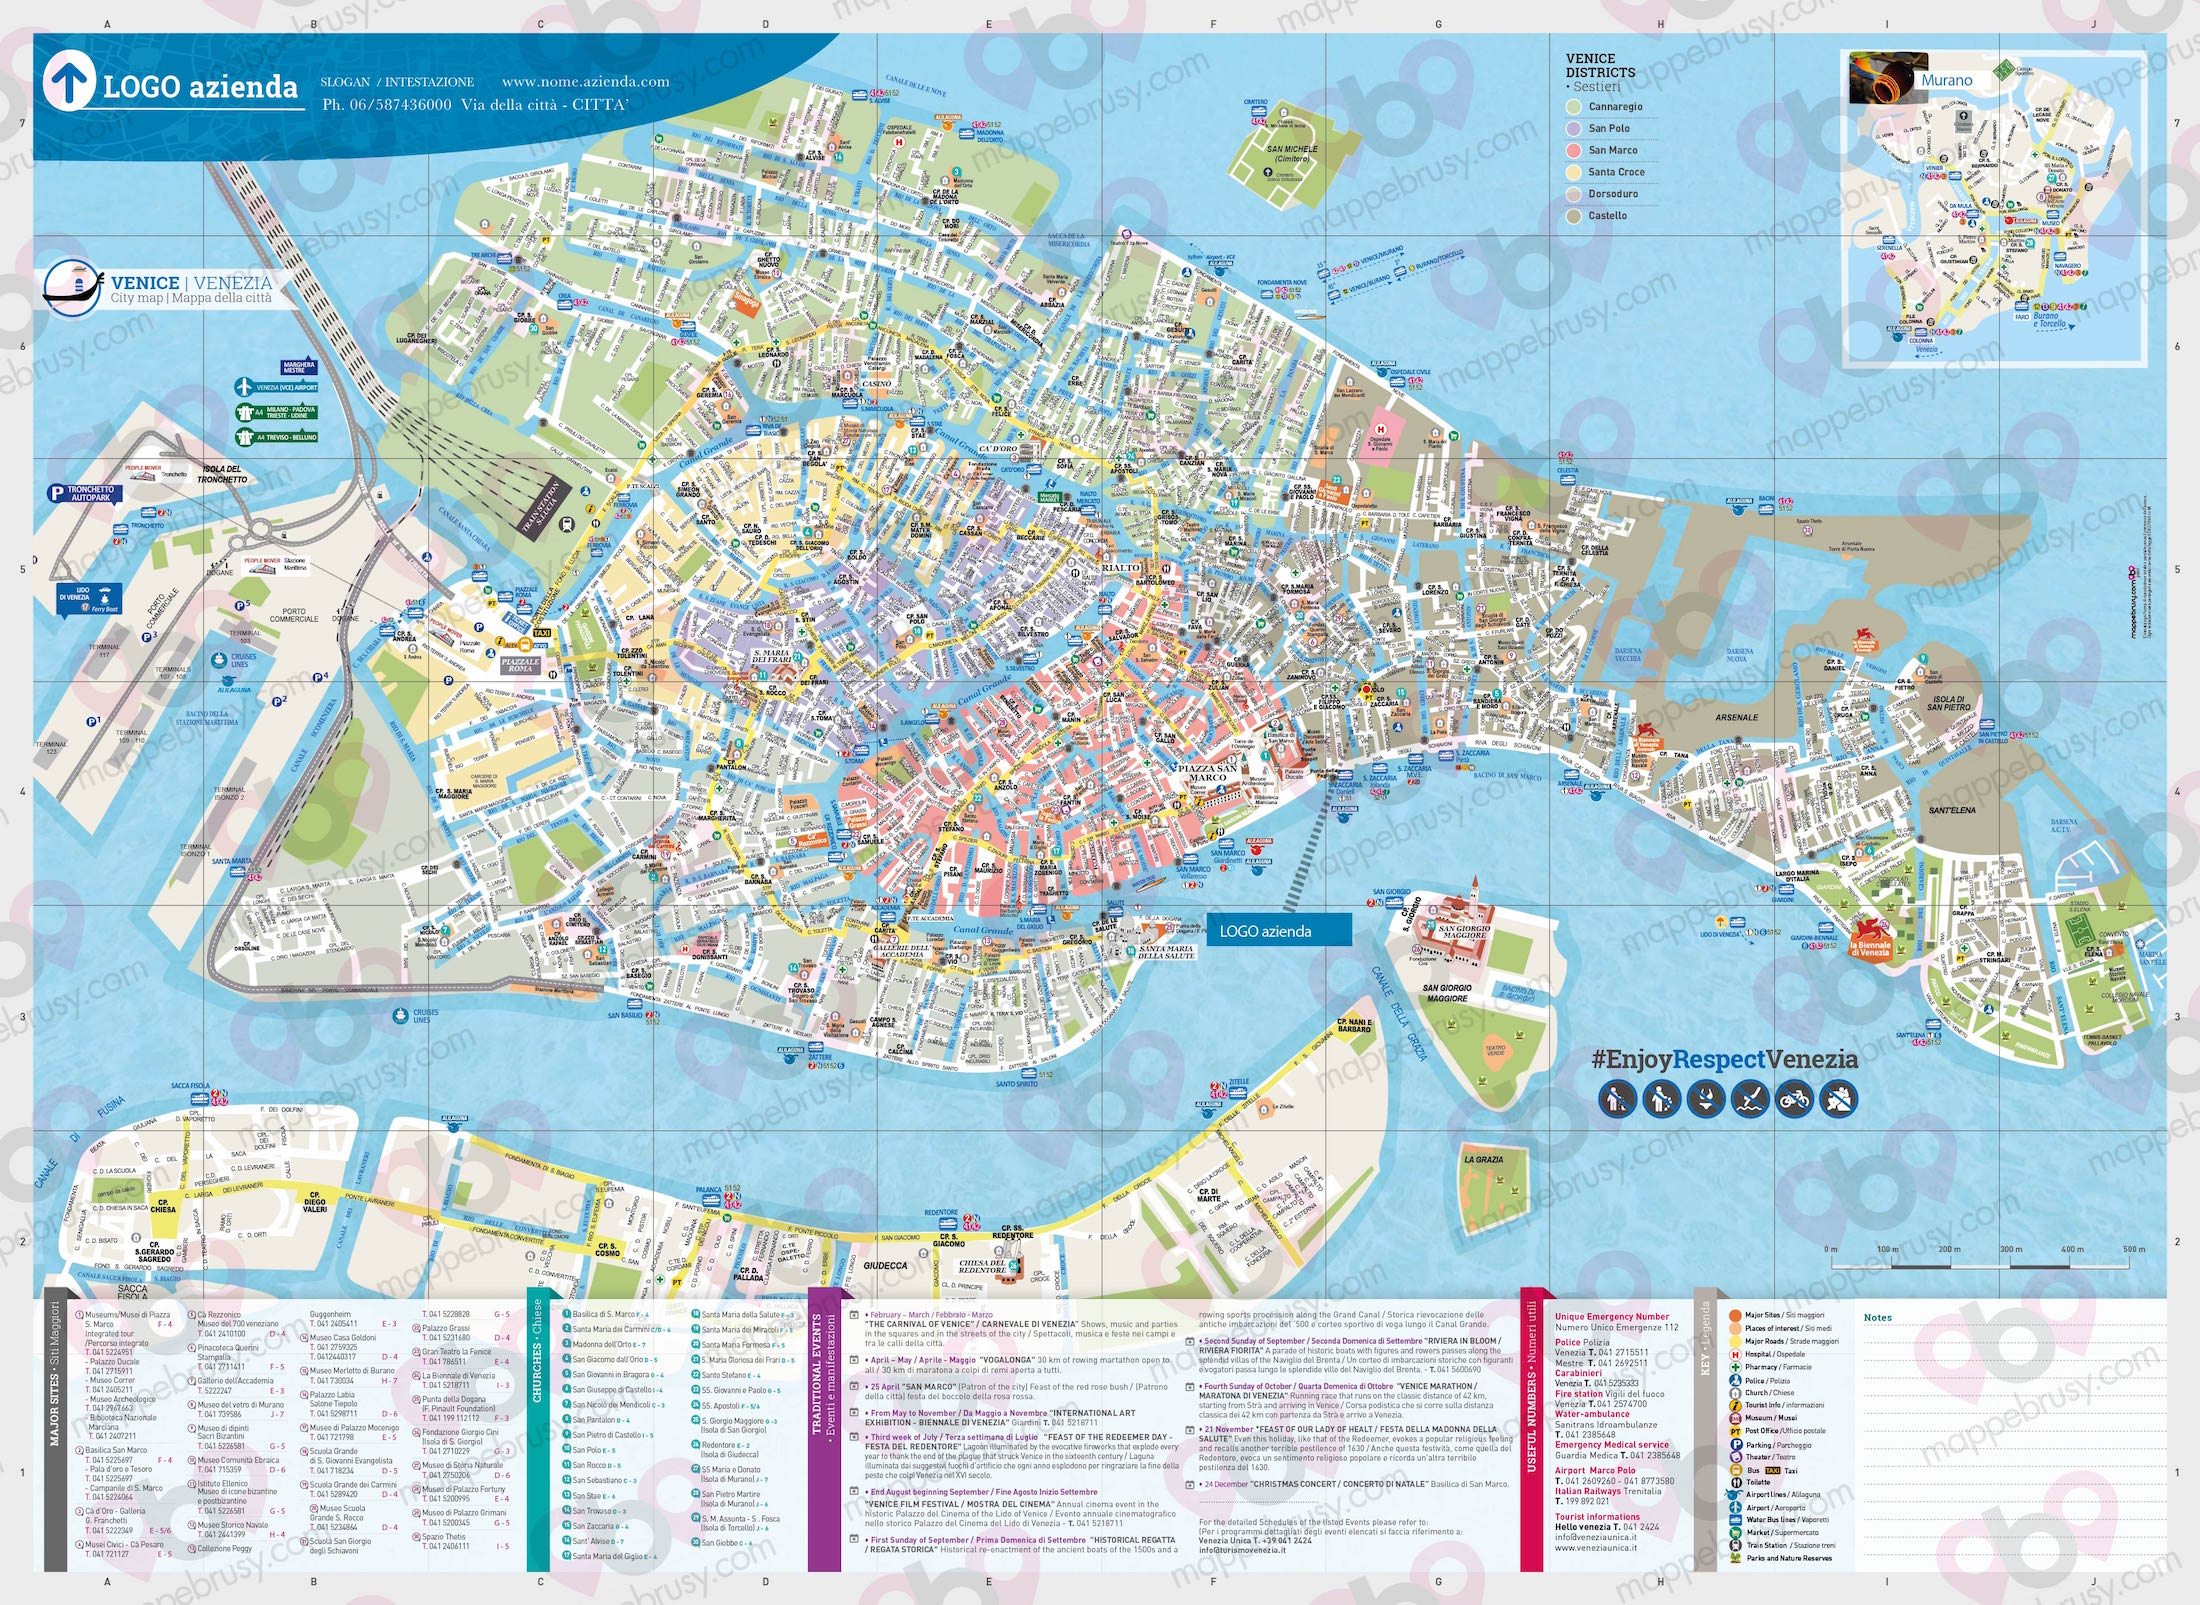 Acquista - compra - acquistare online - mappa di Venezia